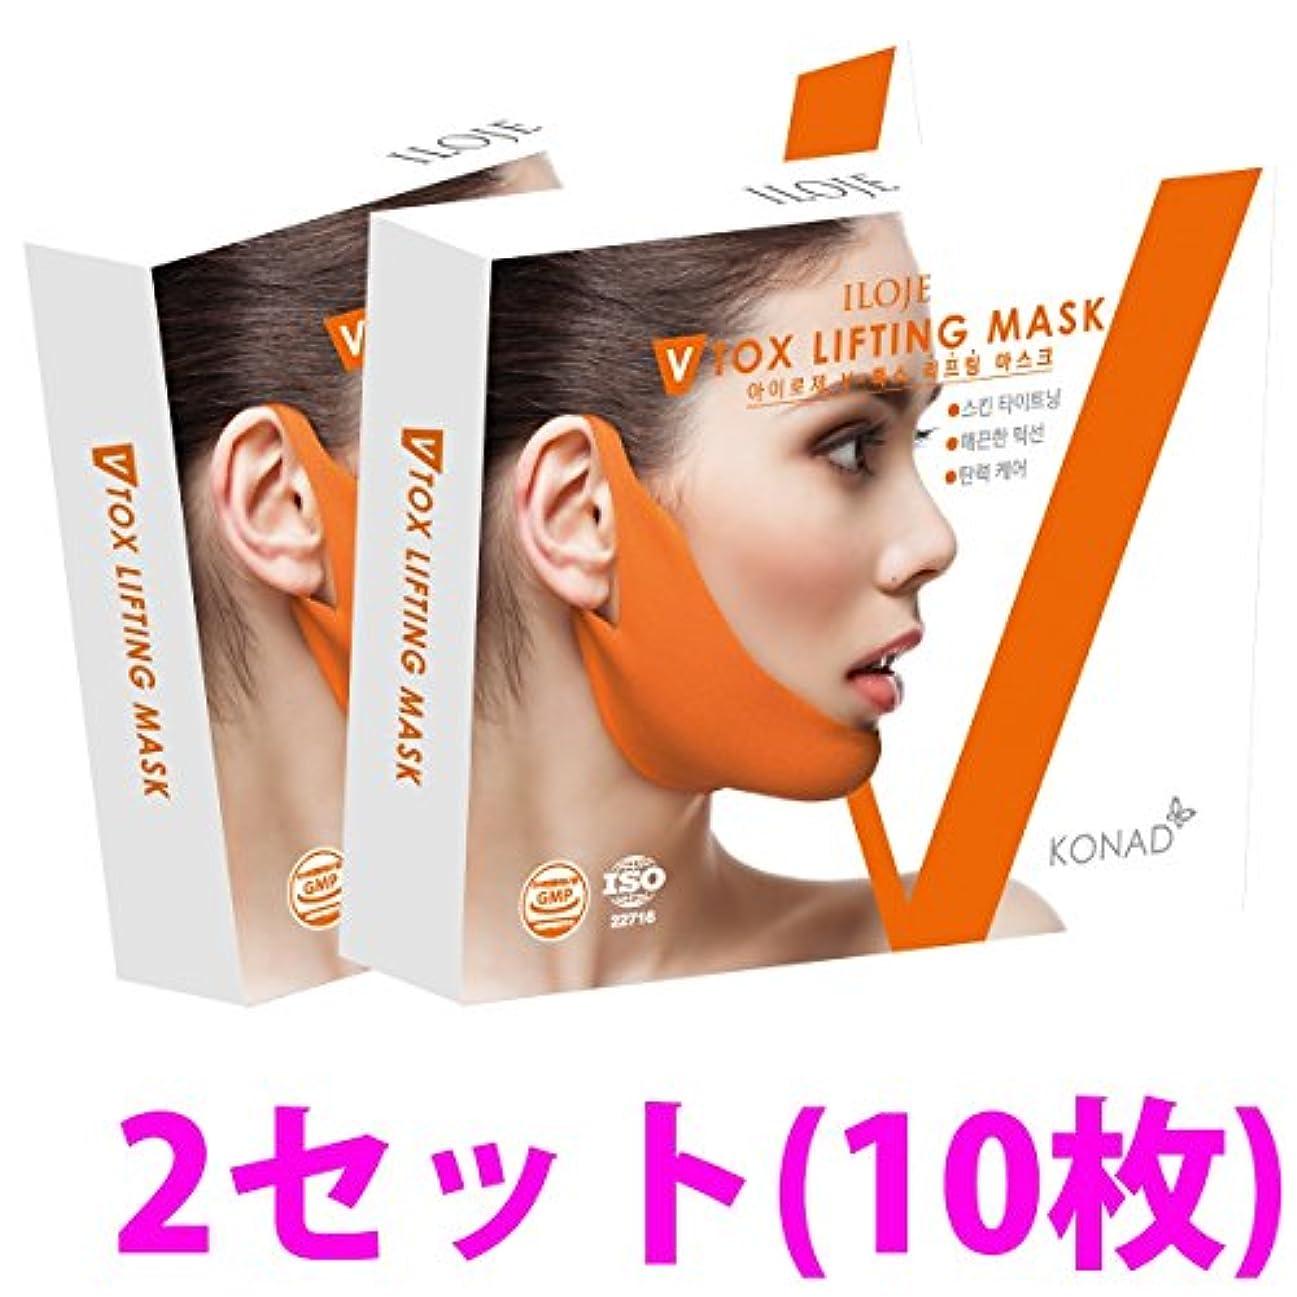 満足できる刻むパテ女性の年齢は顎の輪郭で決まる!V-TOXリフティングマスクパック 2セット(10枚)